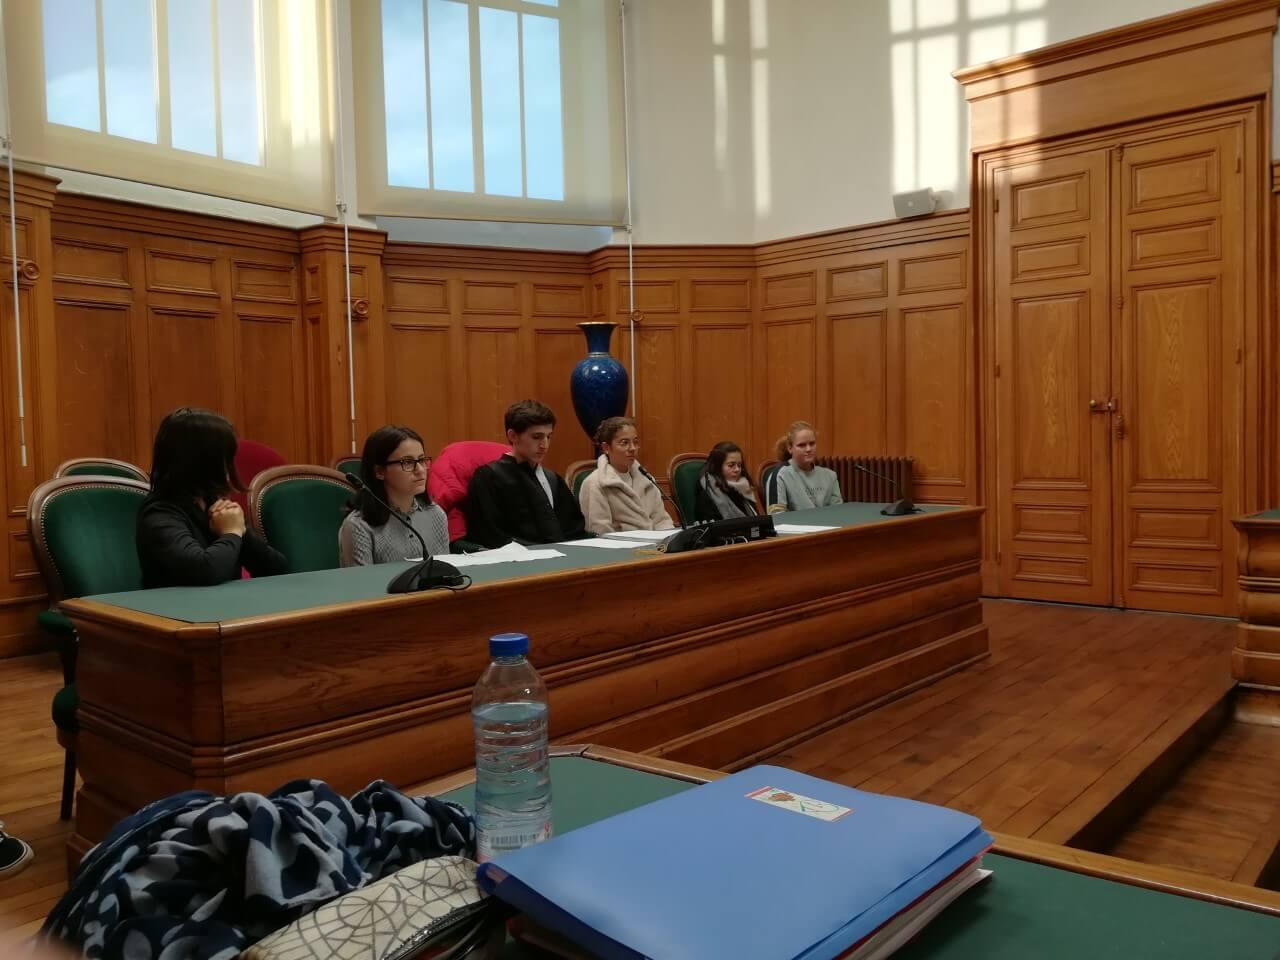 Les élèves de Notre Dame, «acteurs» au tribunal